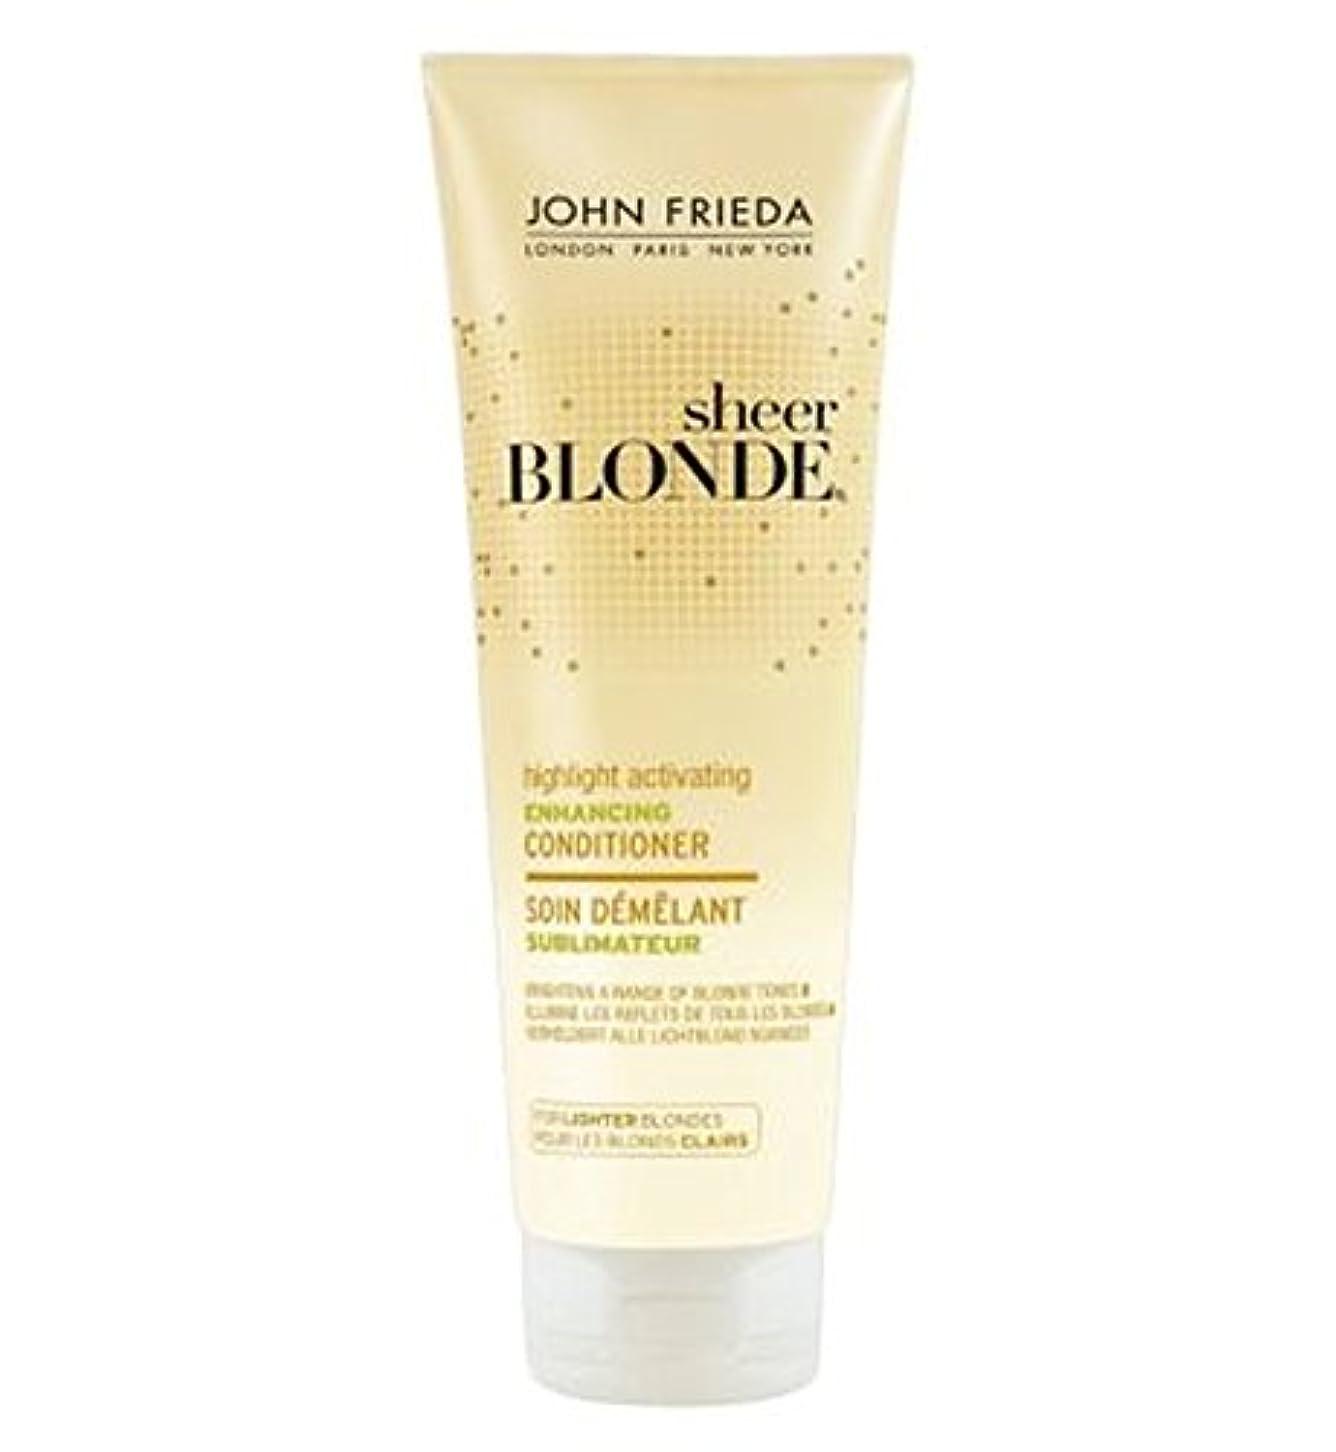 生む告白する放送軽いブロンドの250ミリリットルのためのジョン?フリーダは、薄手のブロンドのハイライト活性化強化コンディショナー (John Frieda) (x2) - John Frieda Sheer Blonde Highlight...